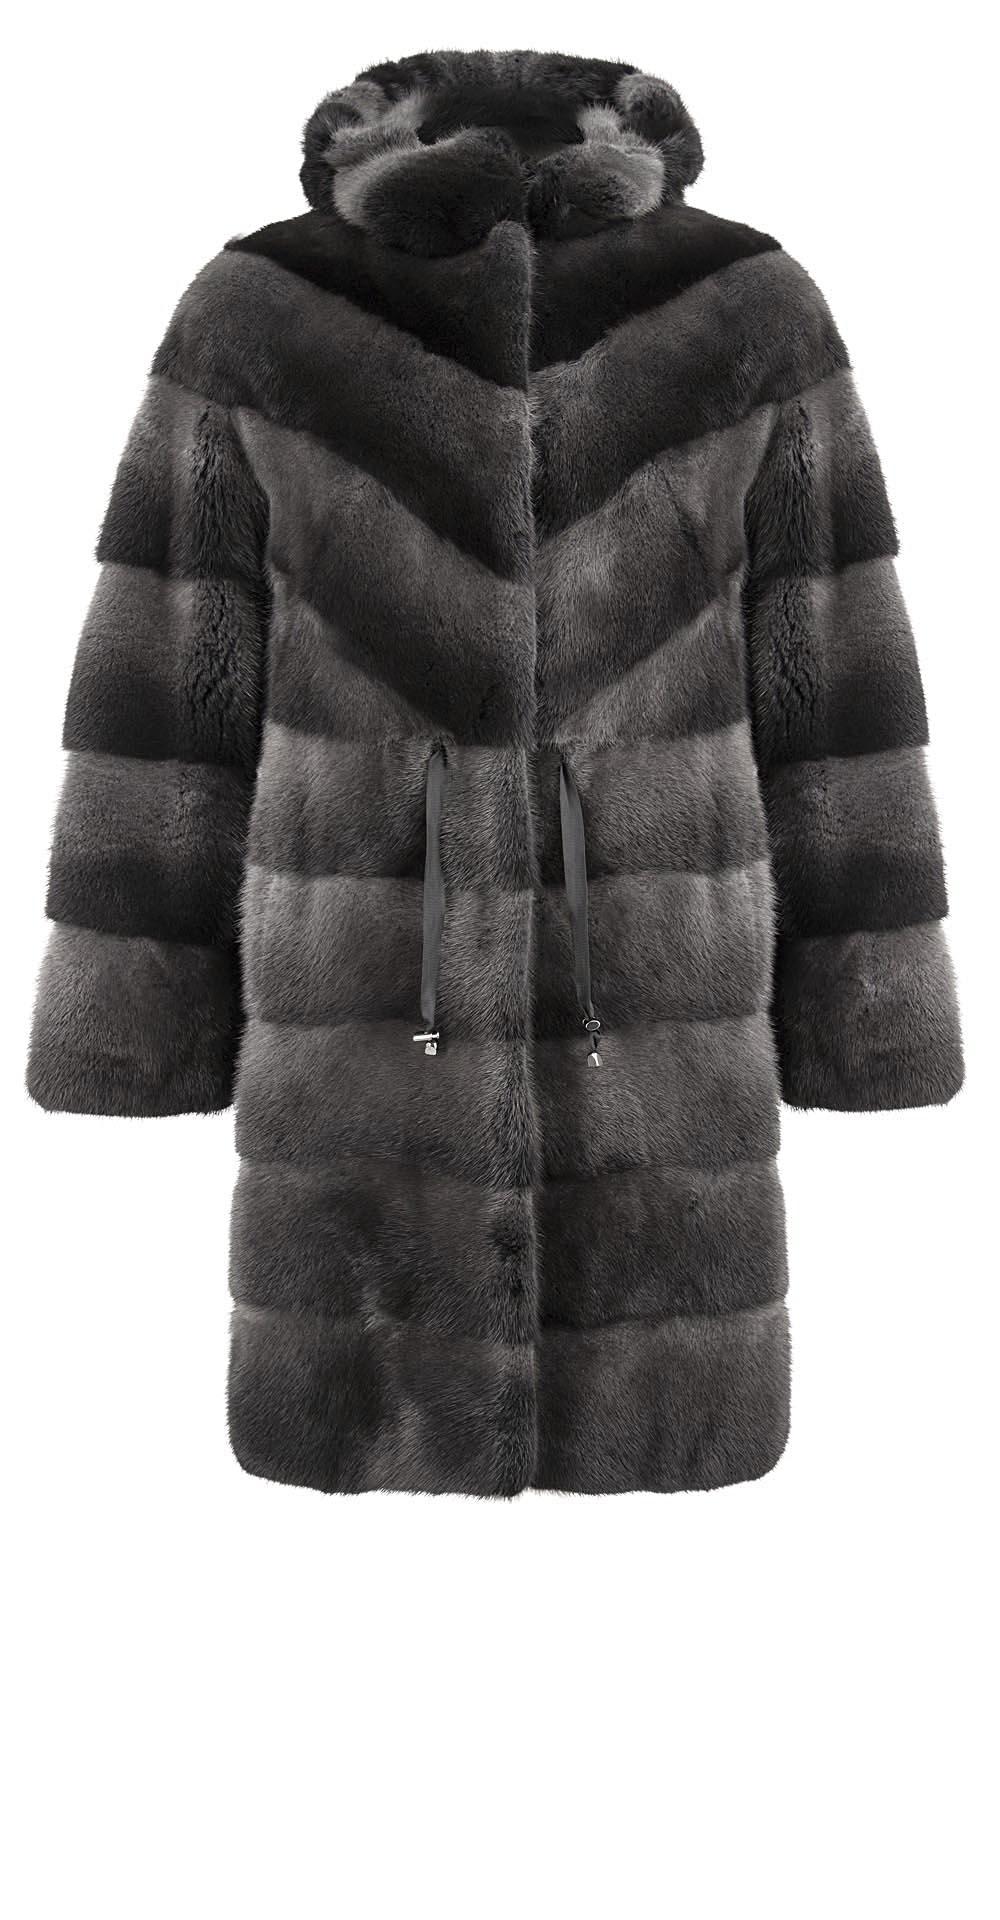 Полупальто из меха норки, цвет: Серый - купить за 269100 в магазине - Гипермаркет меха